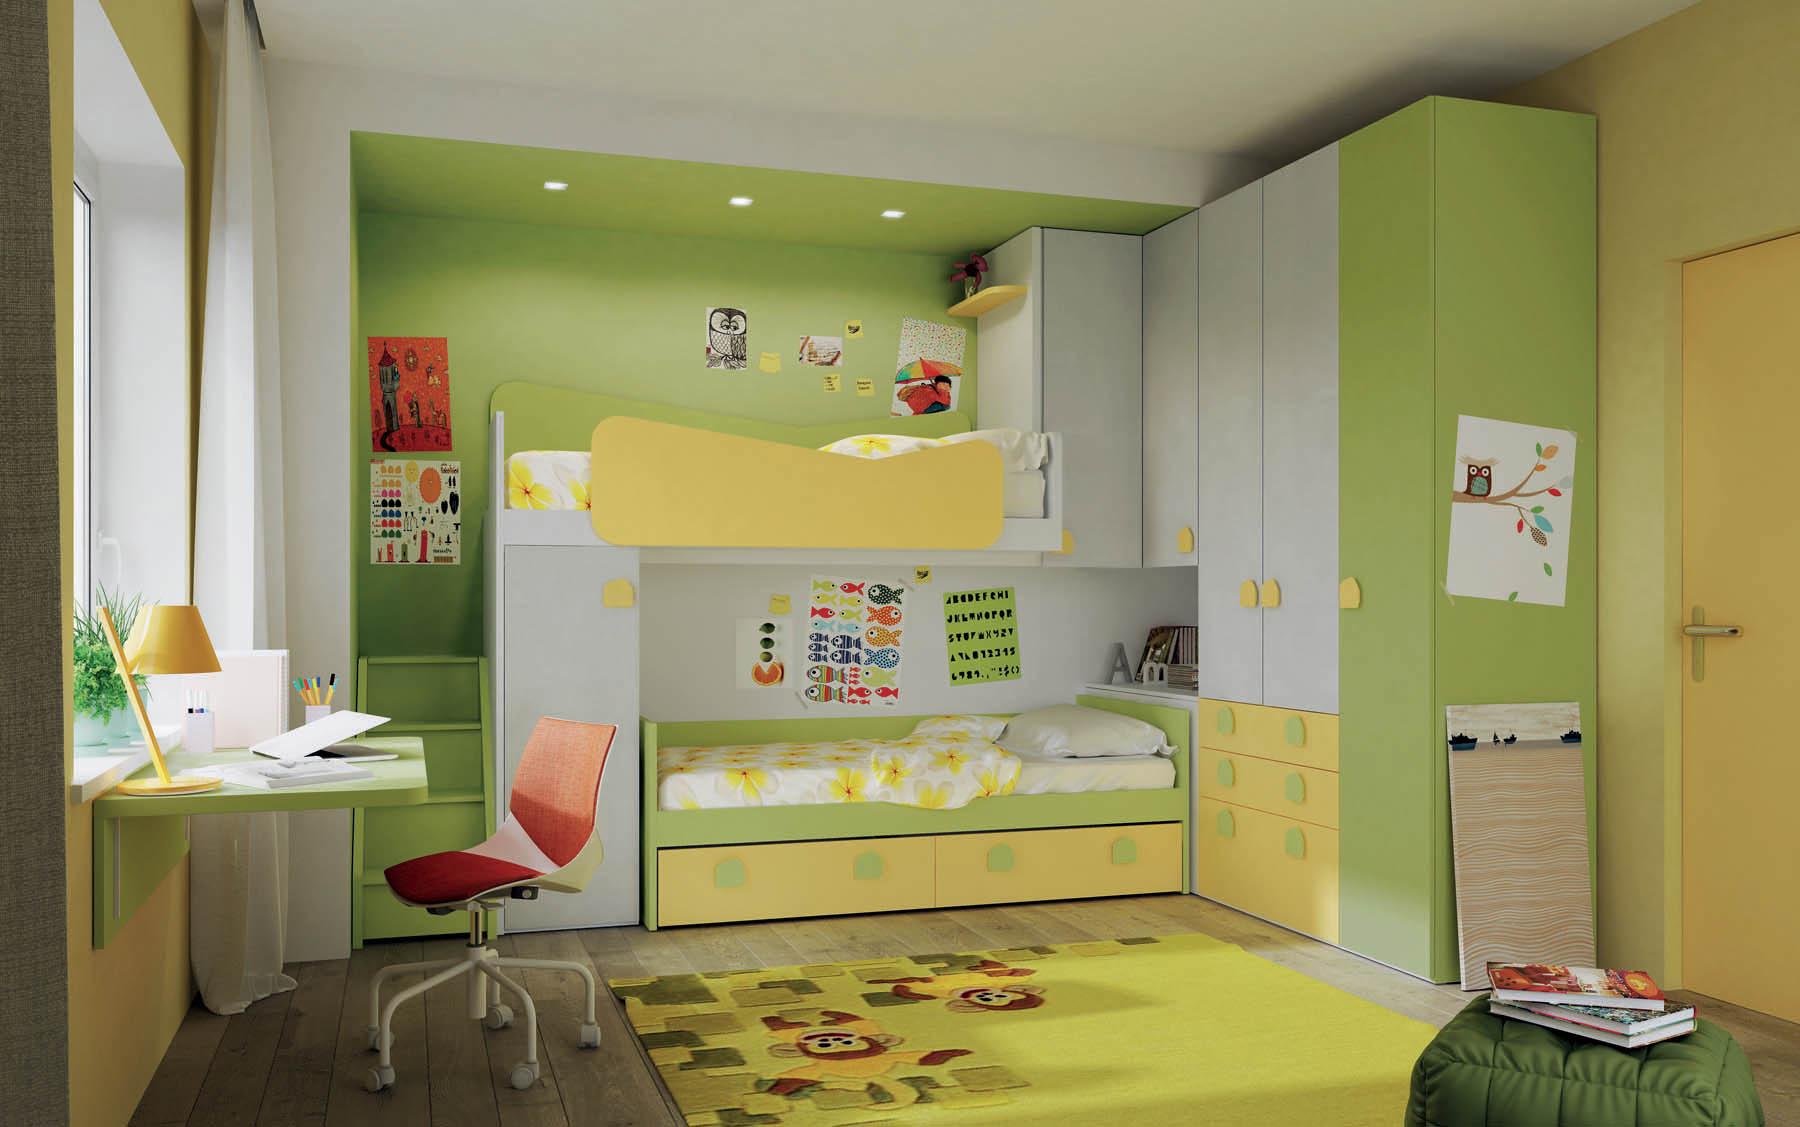 Camere Per Ragazzi Salvaspazio : Camere e camerette salvaspazio per ragazzi mistral